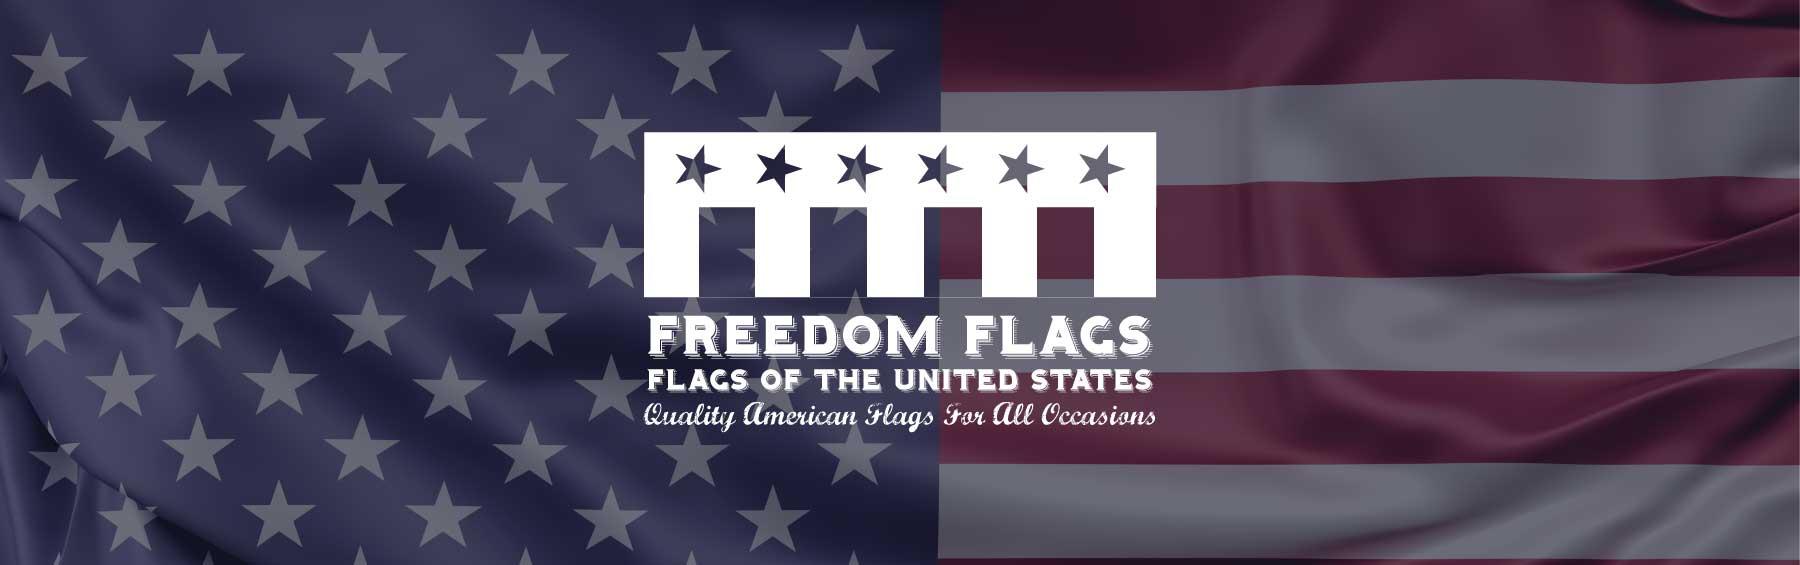 emf-flags-homepage.jpg